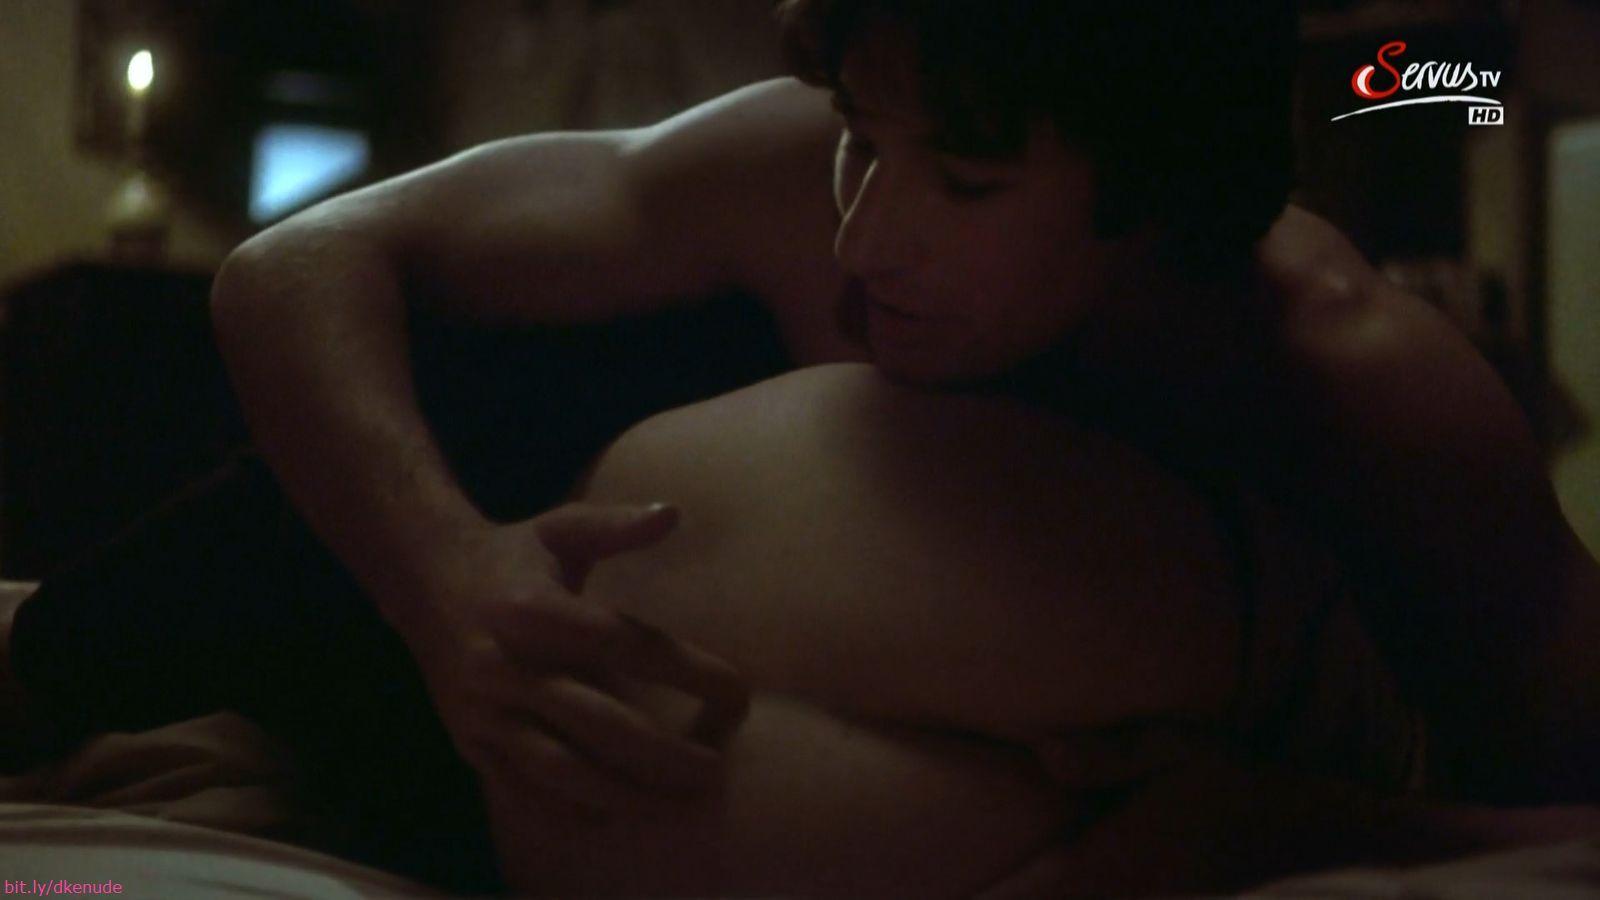 Keaton nude diane